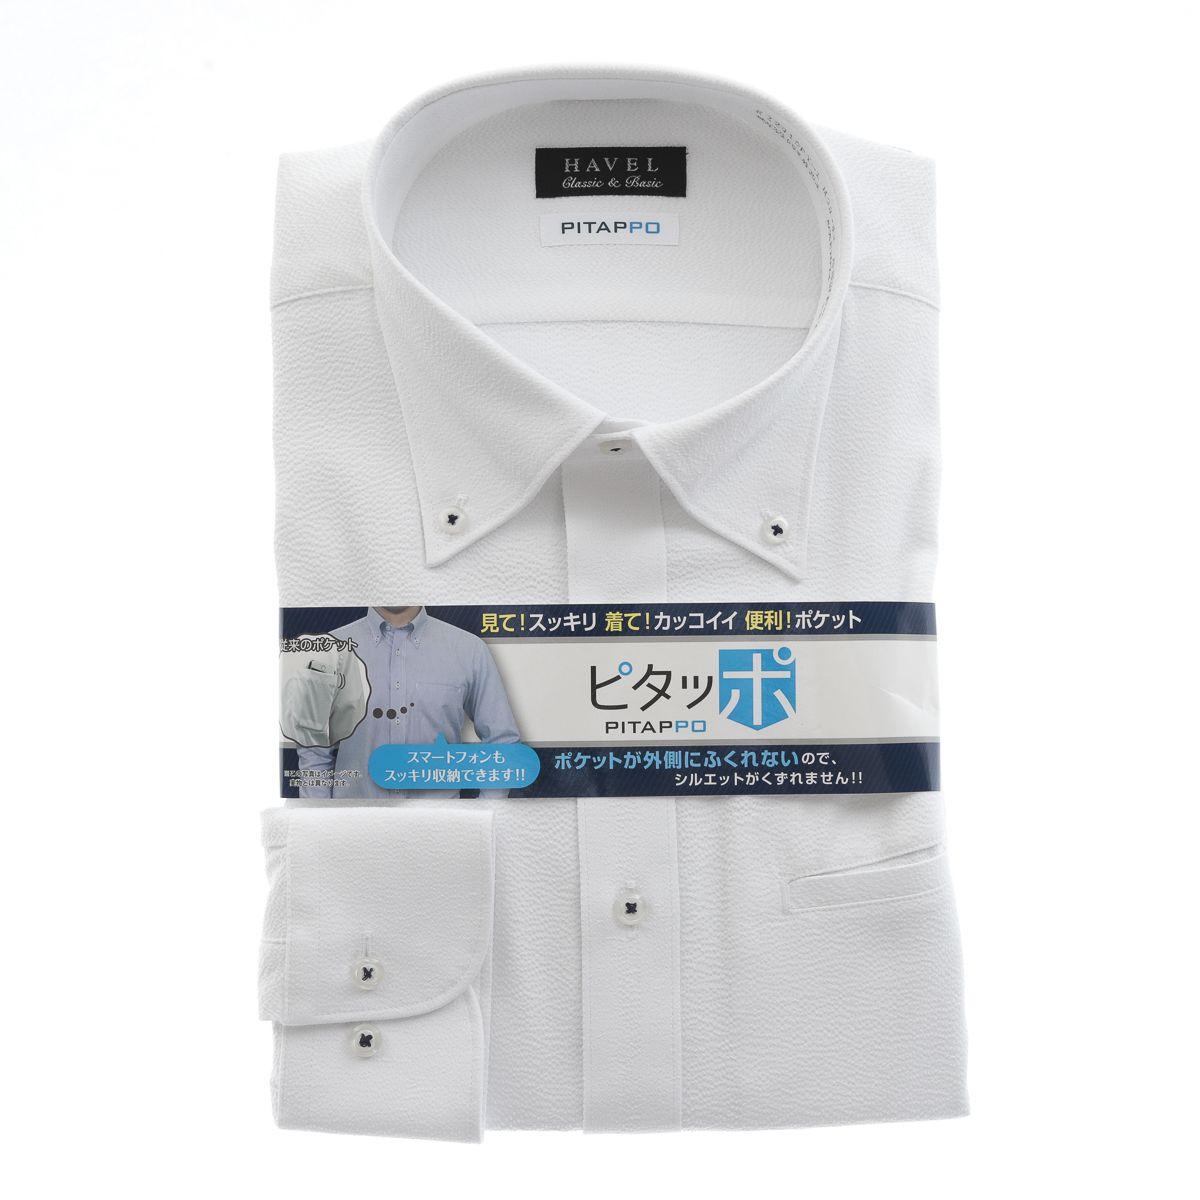 ピタッポ・形態安定 ボタンダウン ワイシャツ 長袖 【HAVEL Classic & Basic】